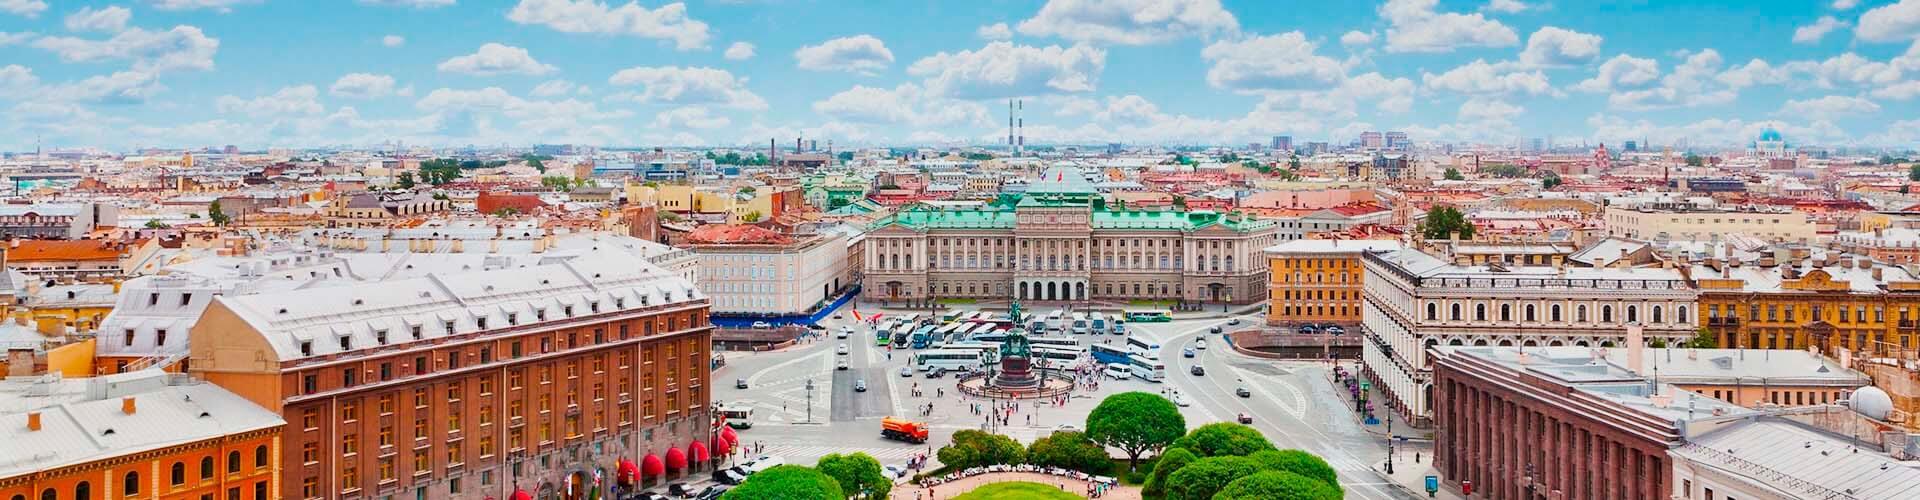 76ff74e8f057d Недвижимость Санкт-Петербурга. Цены на недвижимость в Санкт-Петербурге